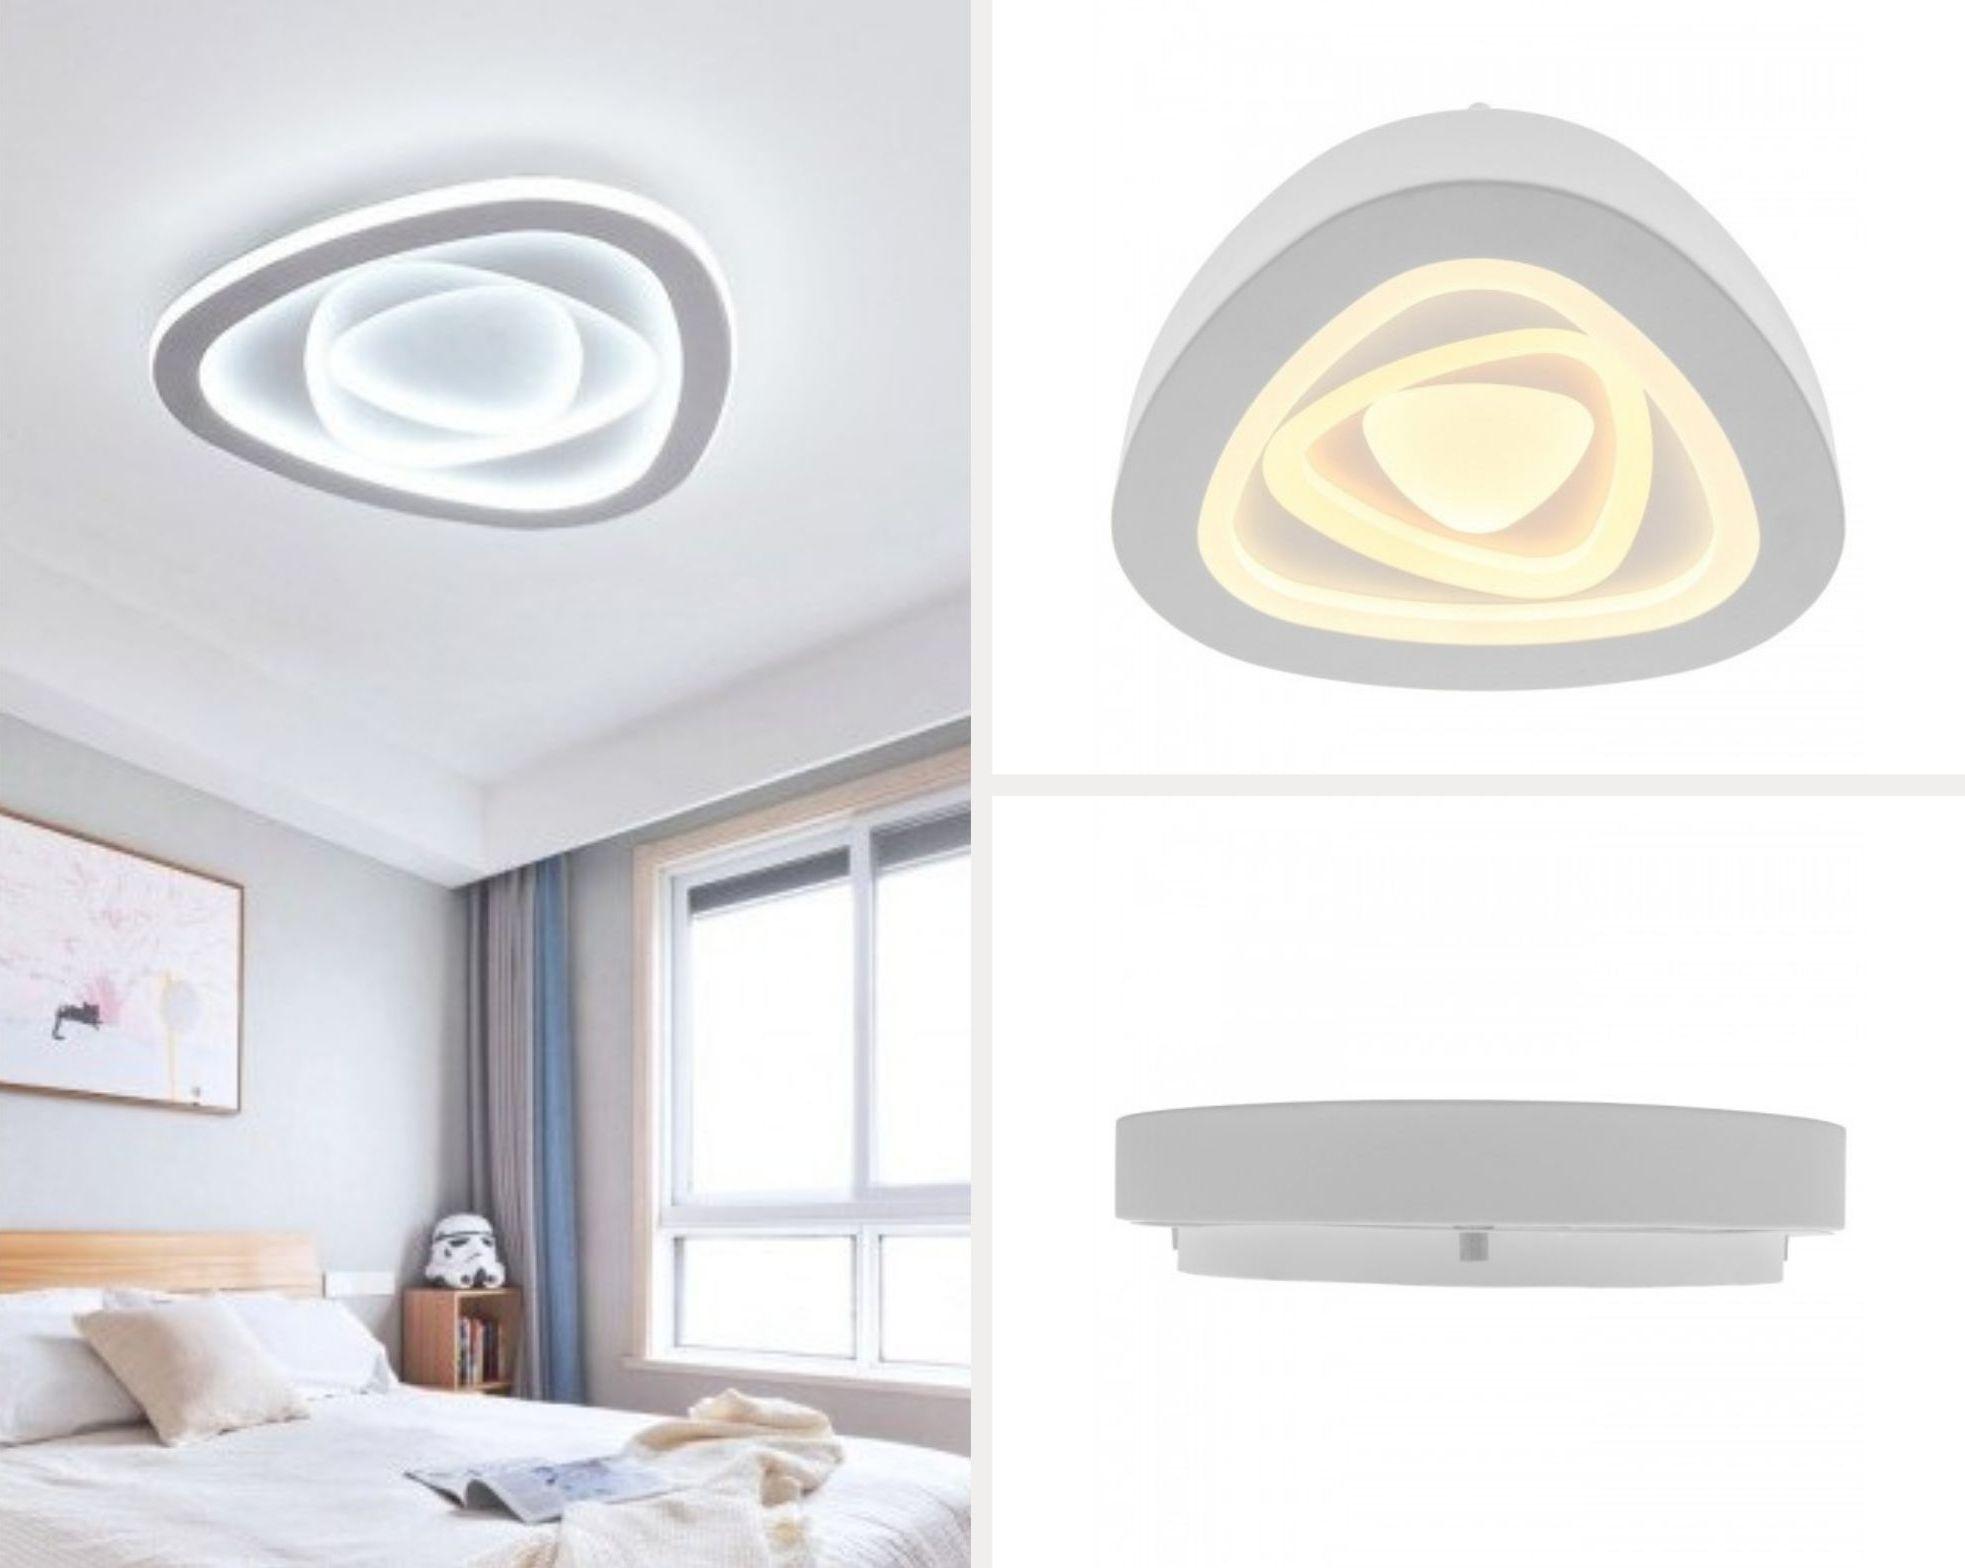 світлодіодний світильник на стелю в інтер'єрі, фото